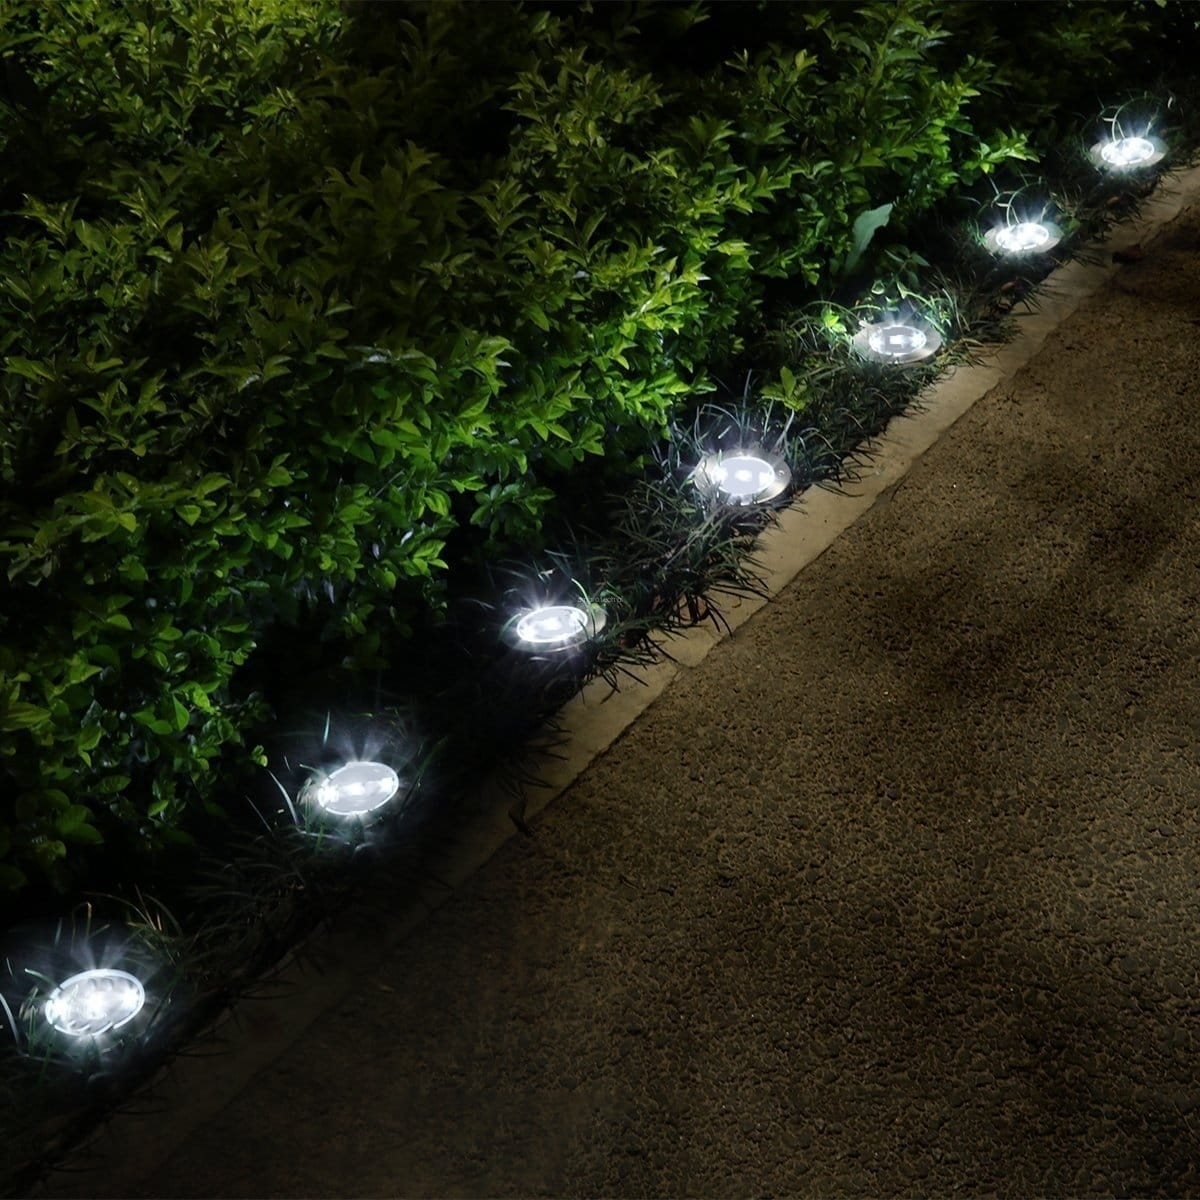 Lampa Solarna Najazdowa Led Lampy Do Kostki Brukowej Stal Nierdzewna